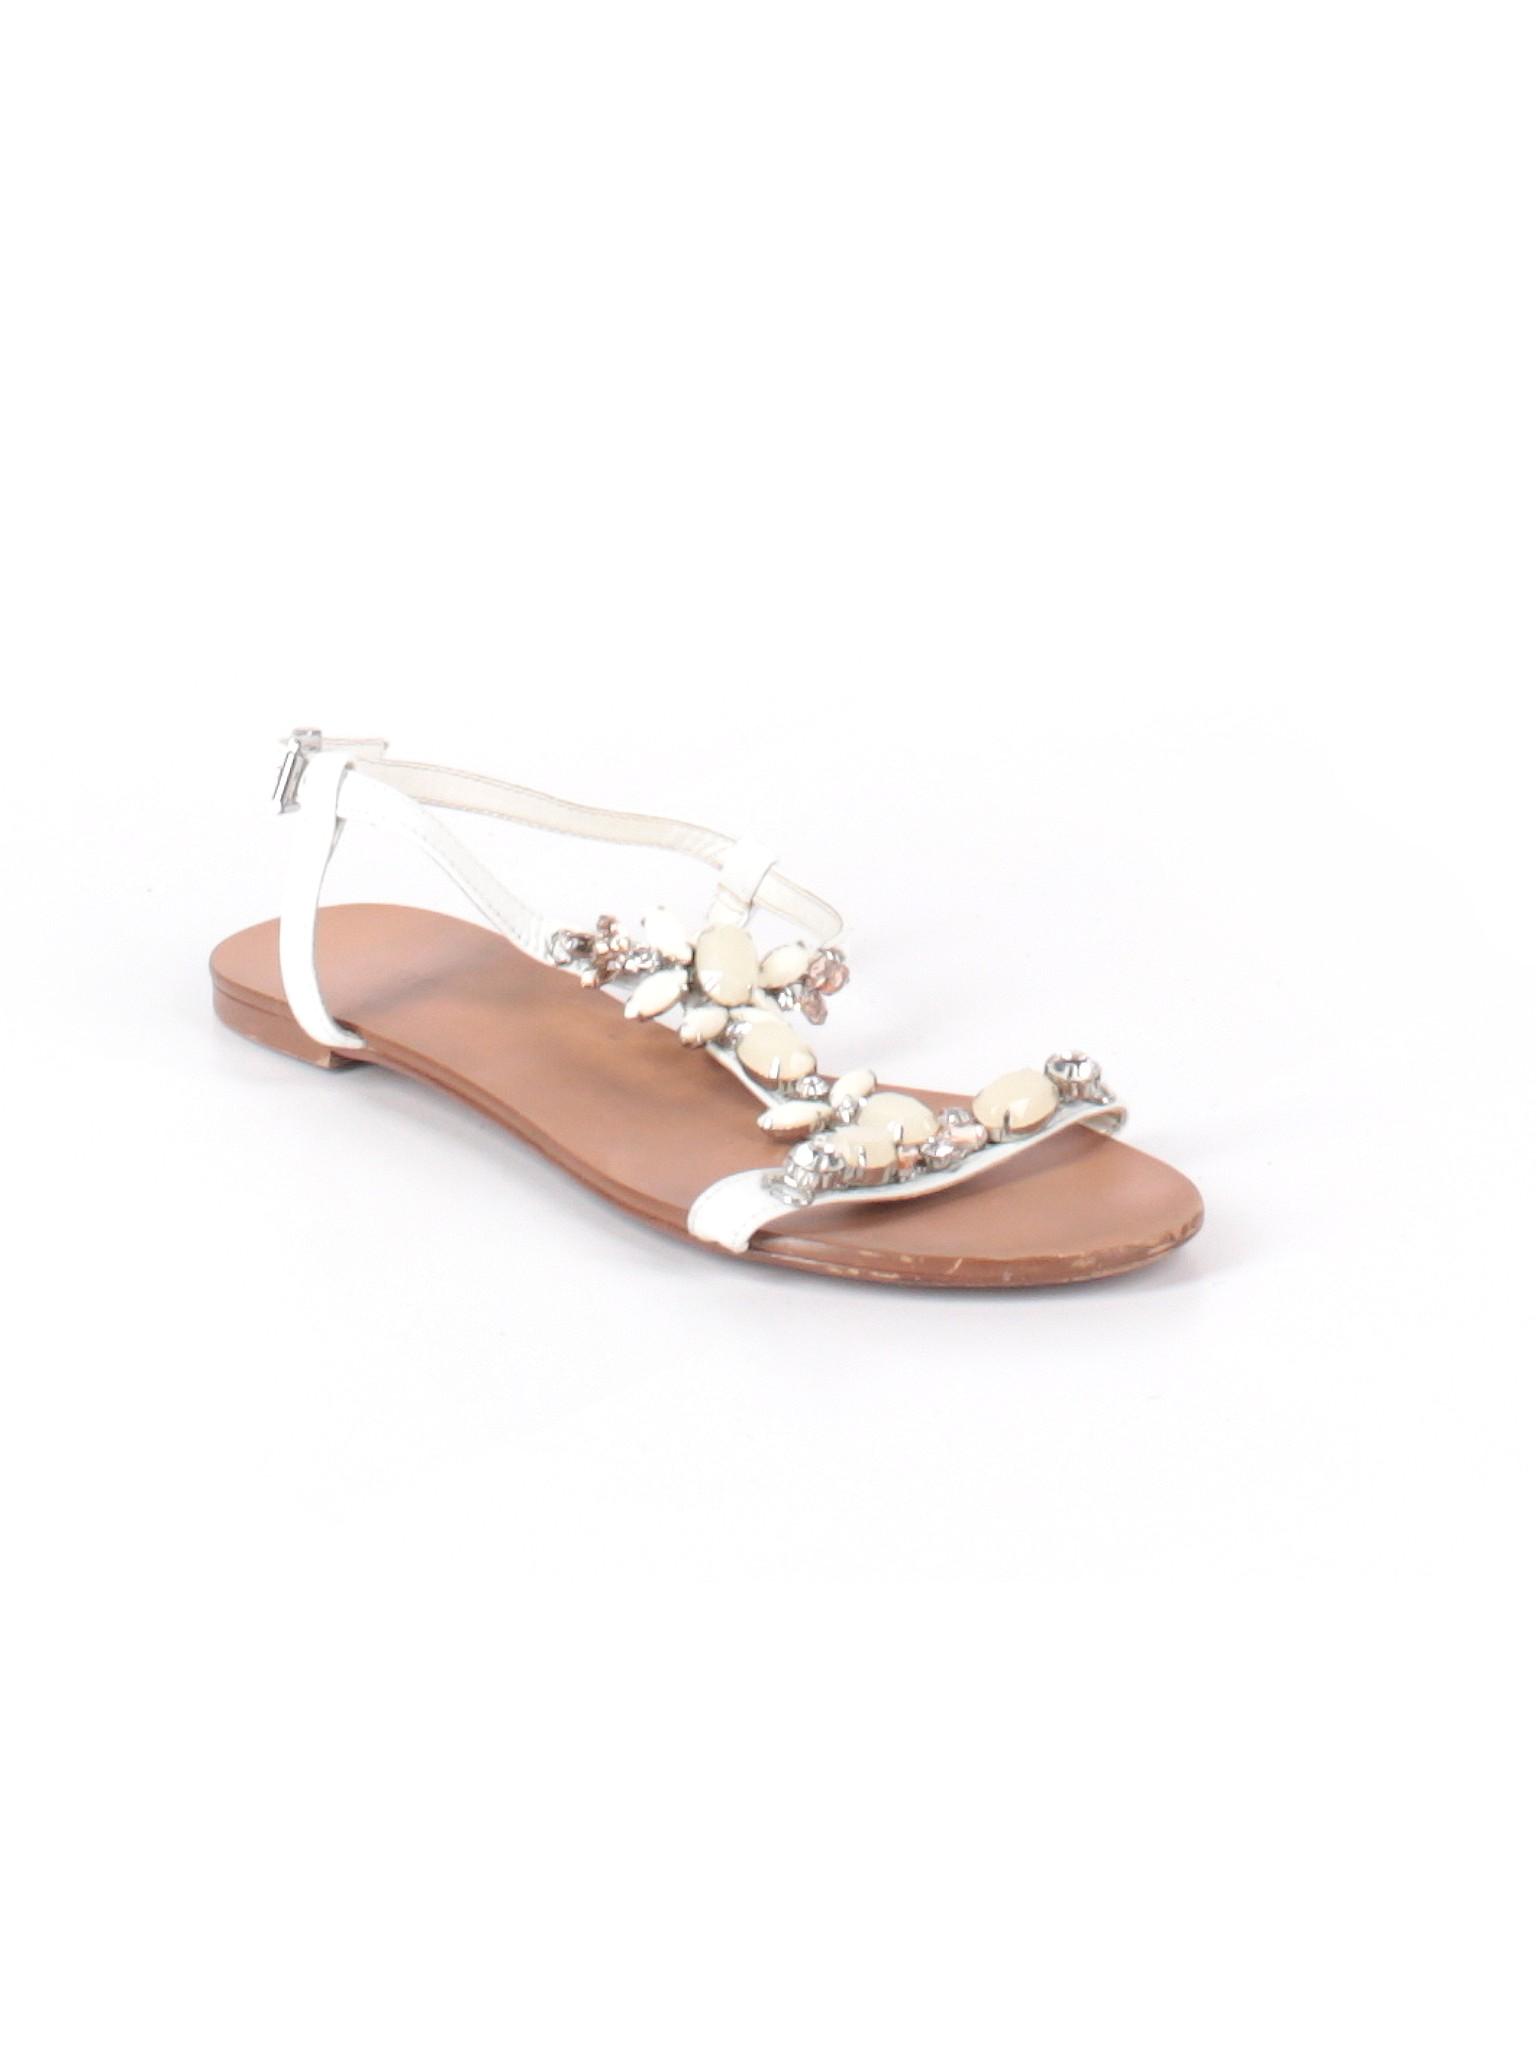 London Dune promotion Boutique Sandals Boutique promotion TnqY01wv4